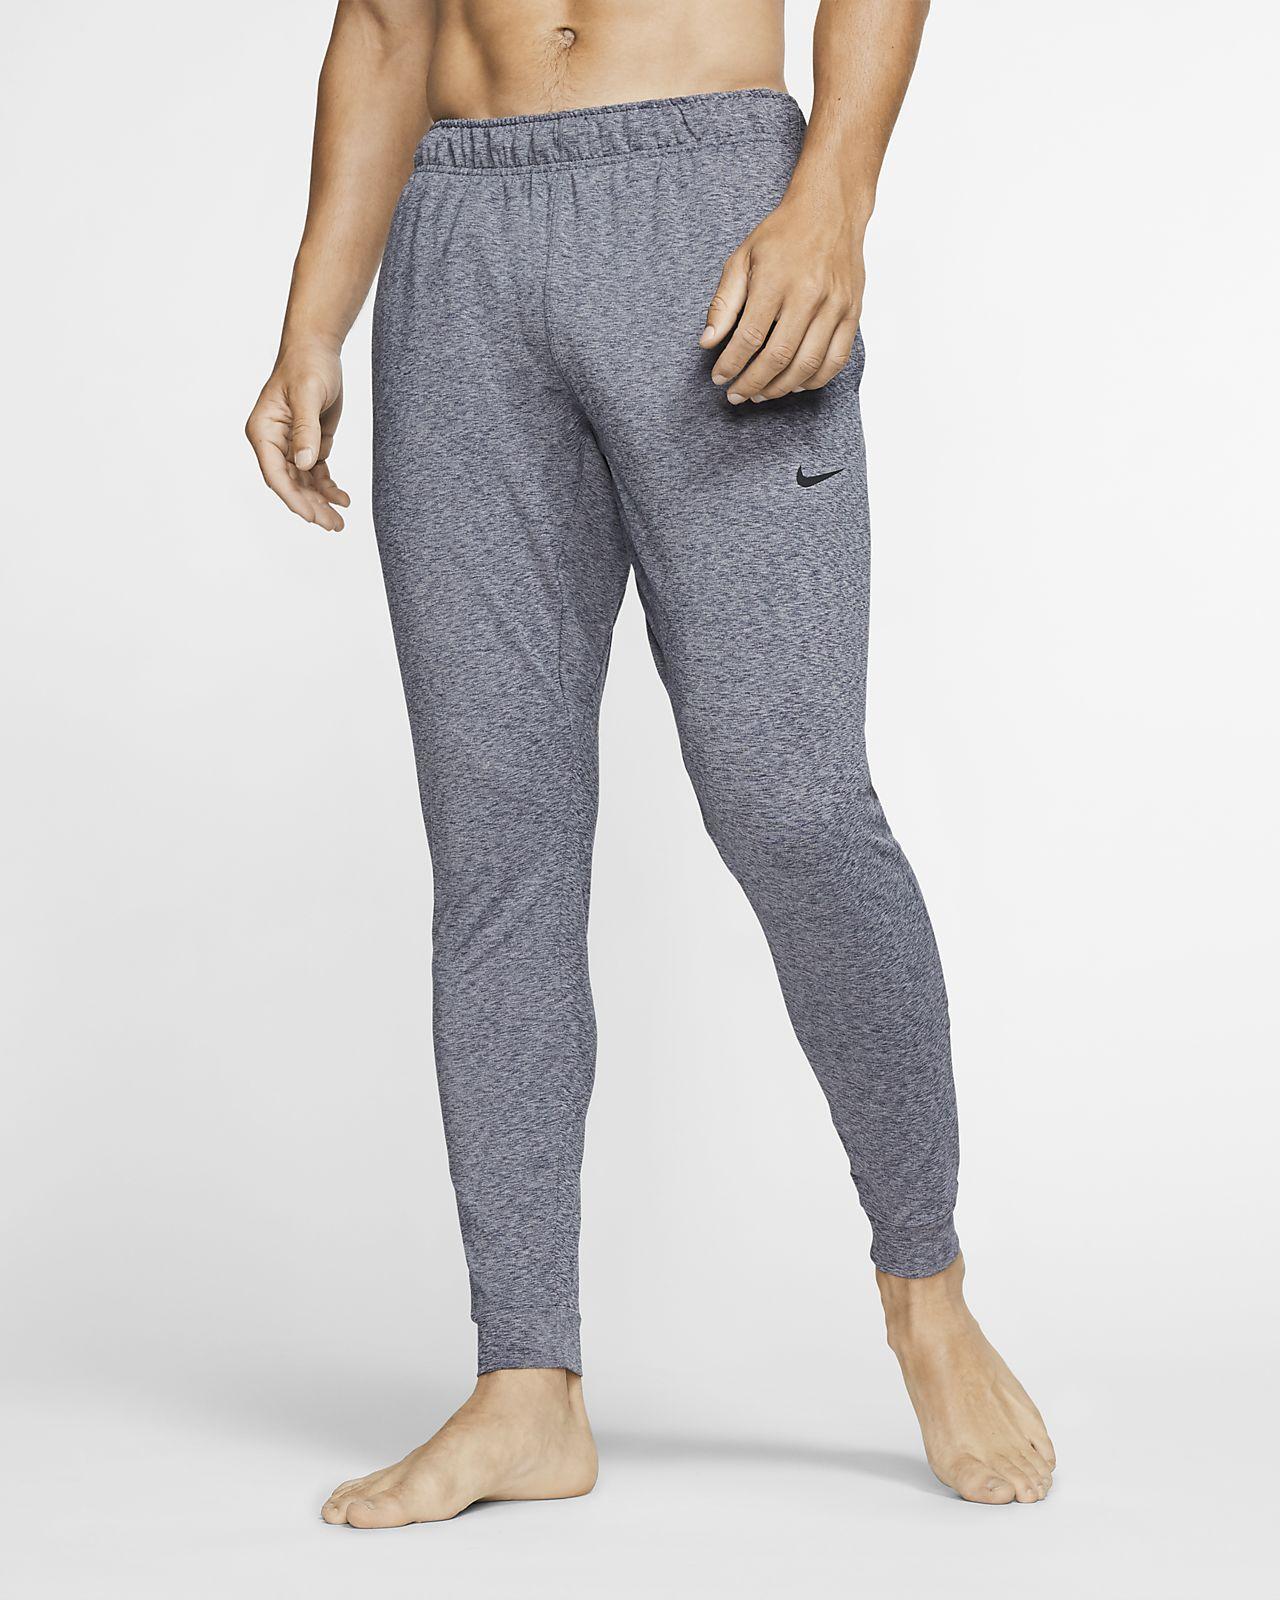 Calças de ioga Nike Dri-FIT para homem